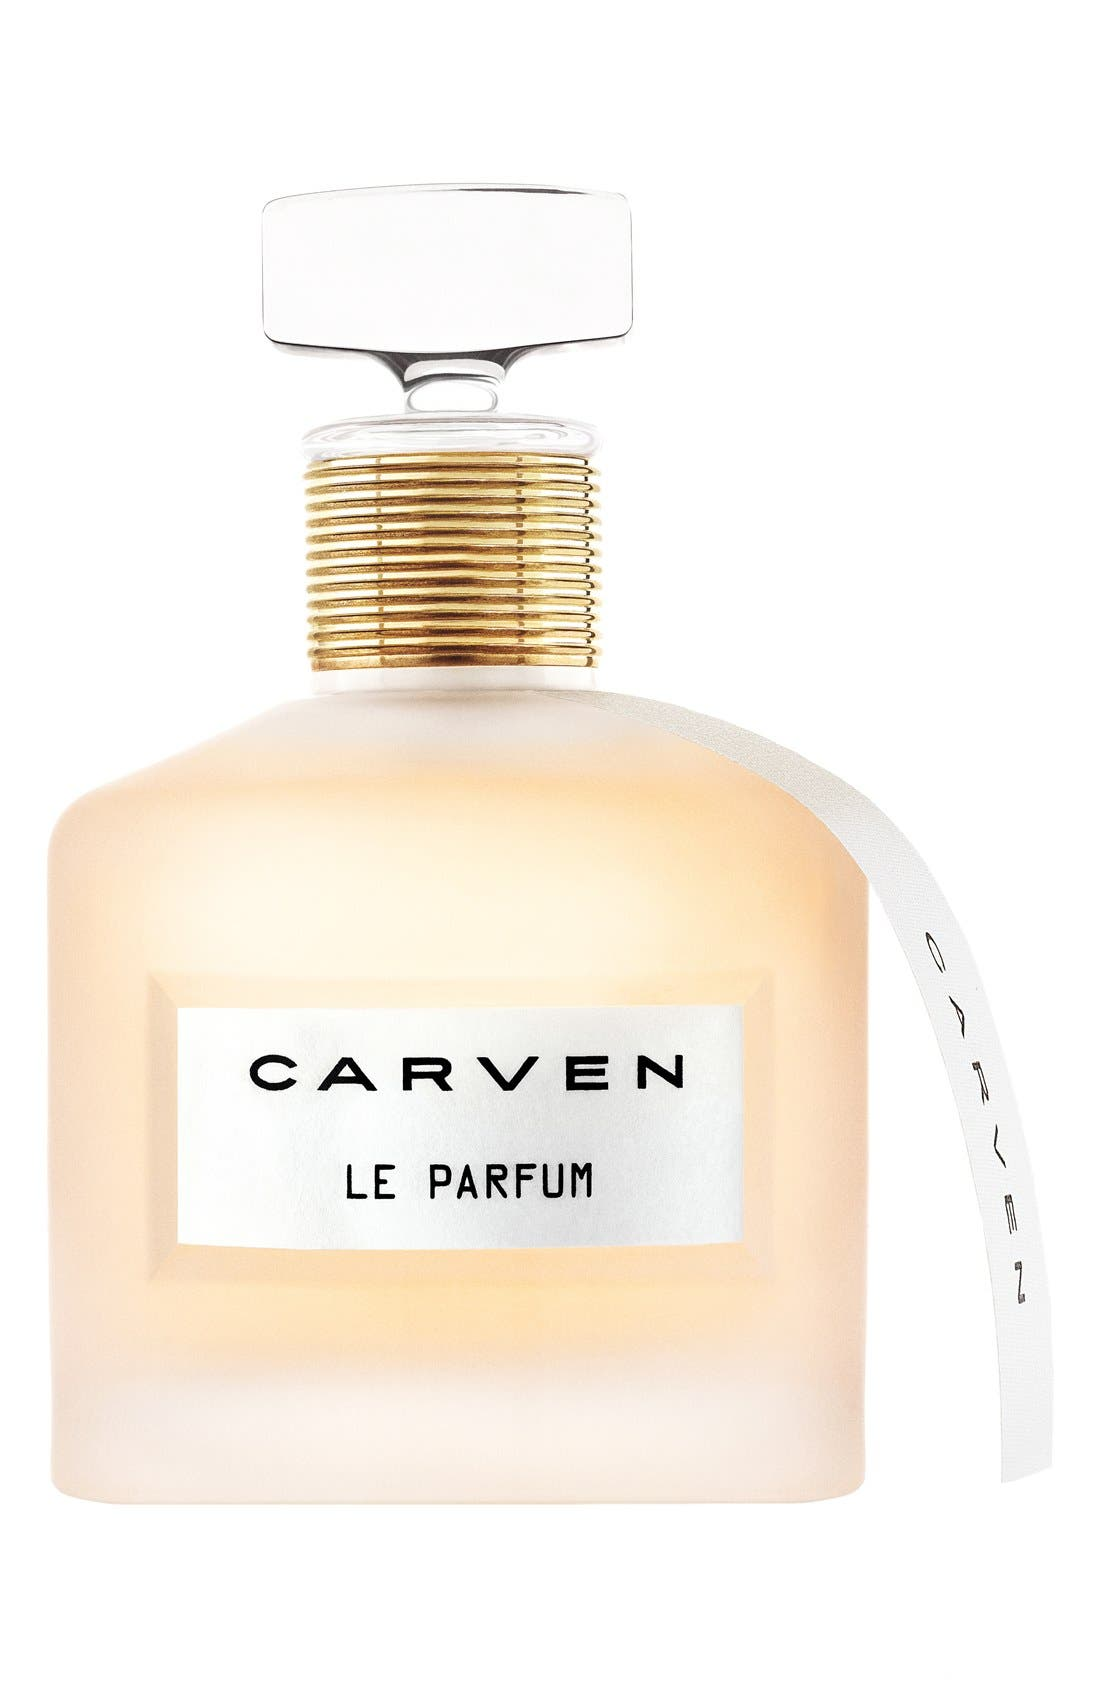 Carven Le Parfum Eau de Parfum